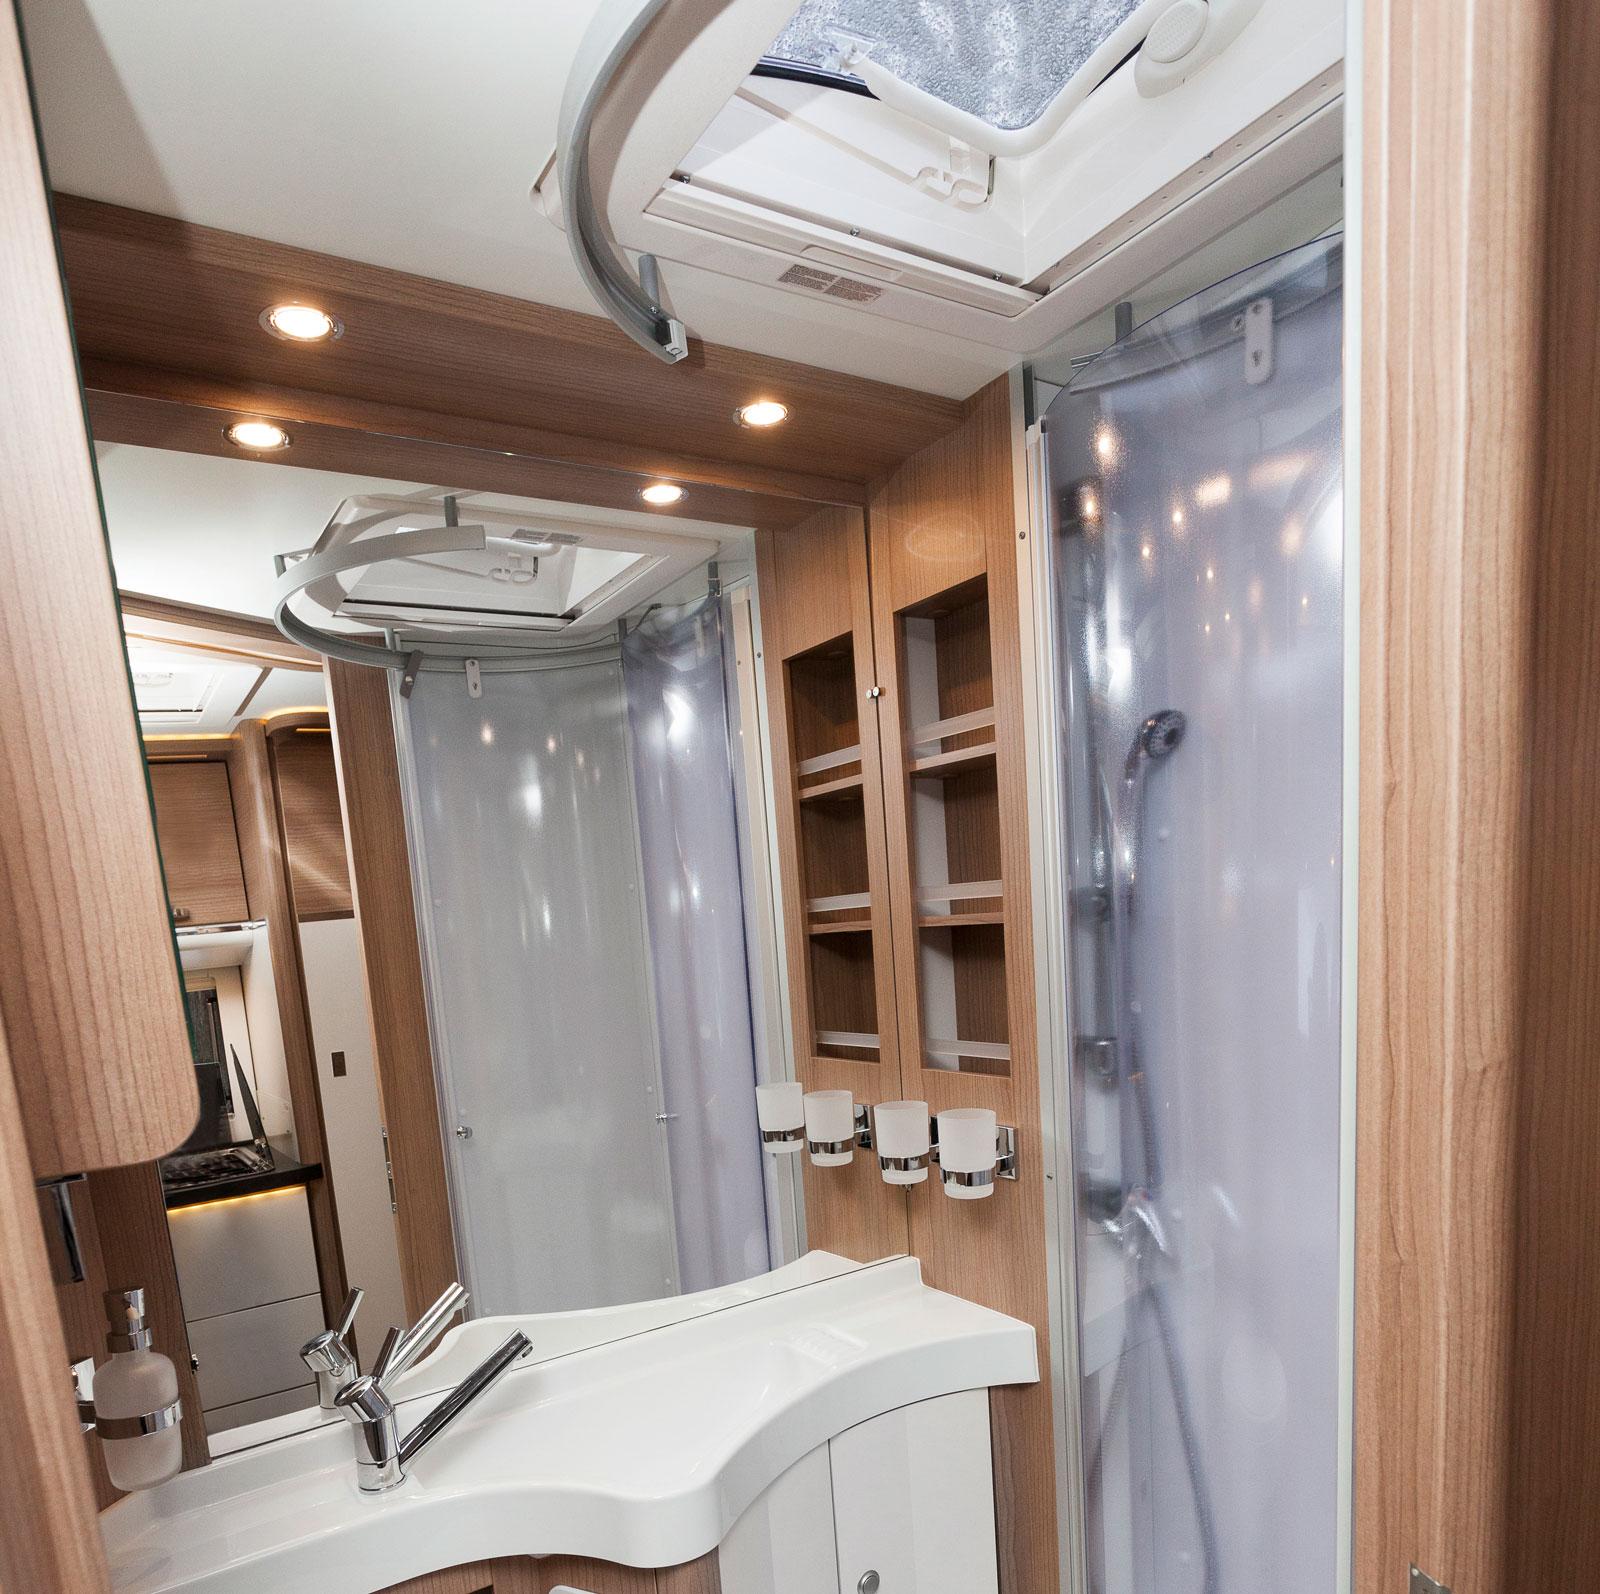 Propert badrum med taklucka precis ovanför duschen.